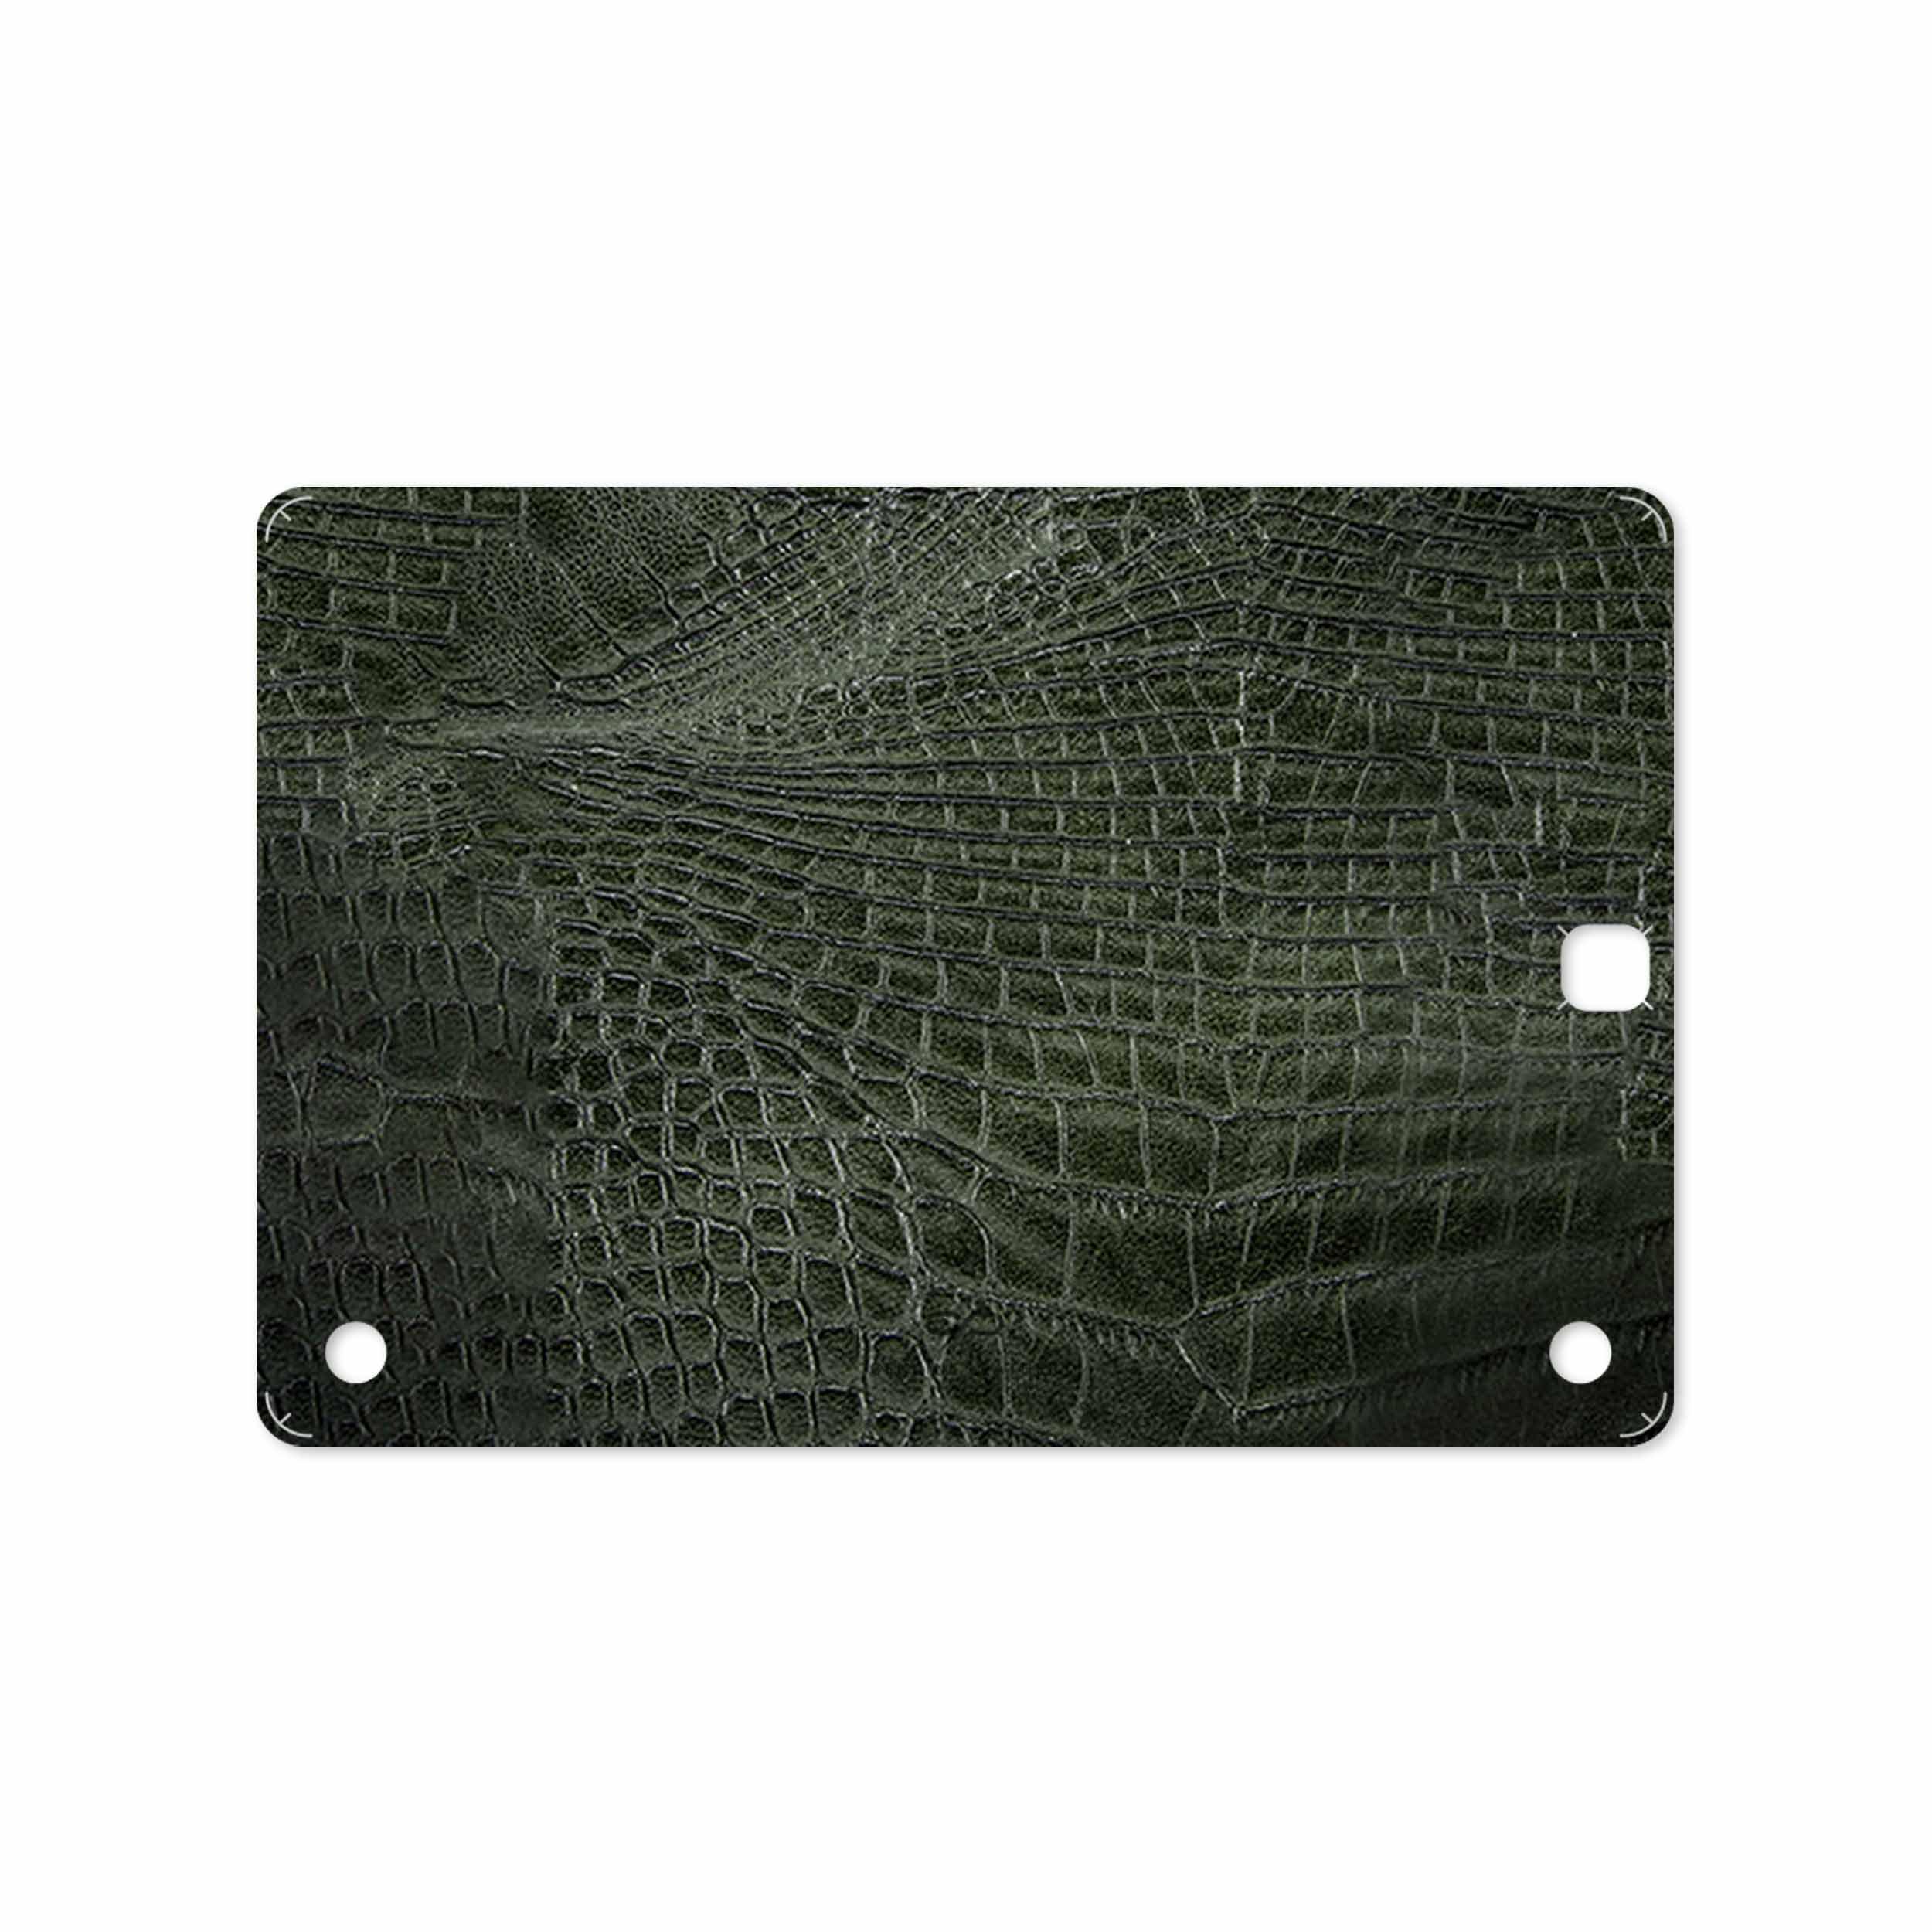 بررسی و خرید [با تخفیف]                                     برچسب پوششی ماهوت مدل Green-Crocodile-Leather مناسب برای تبلت سامسونگ Galaxy Tab A 9.7 2015 T555                             اورجینال